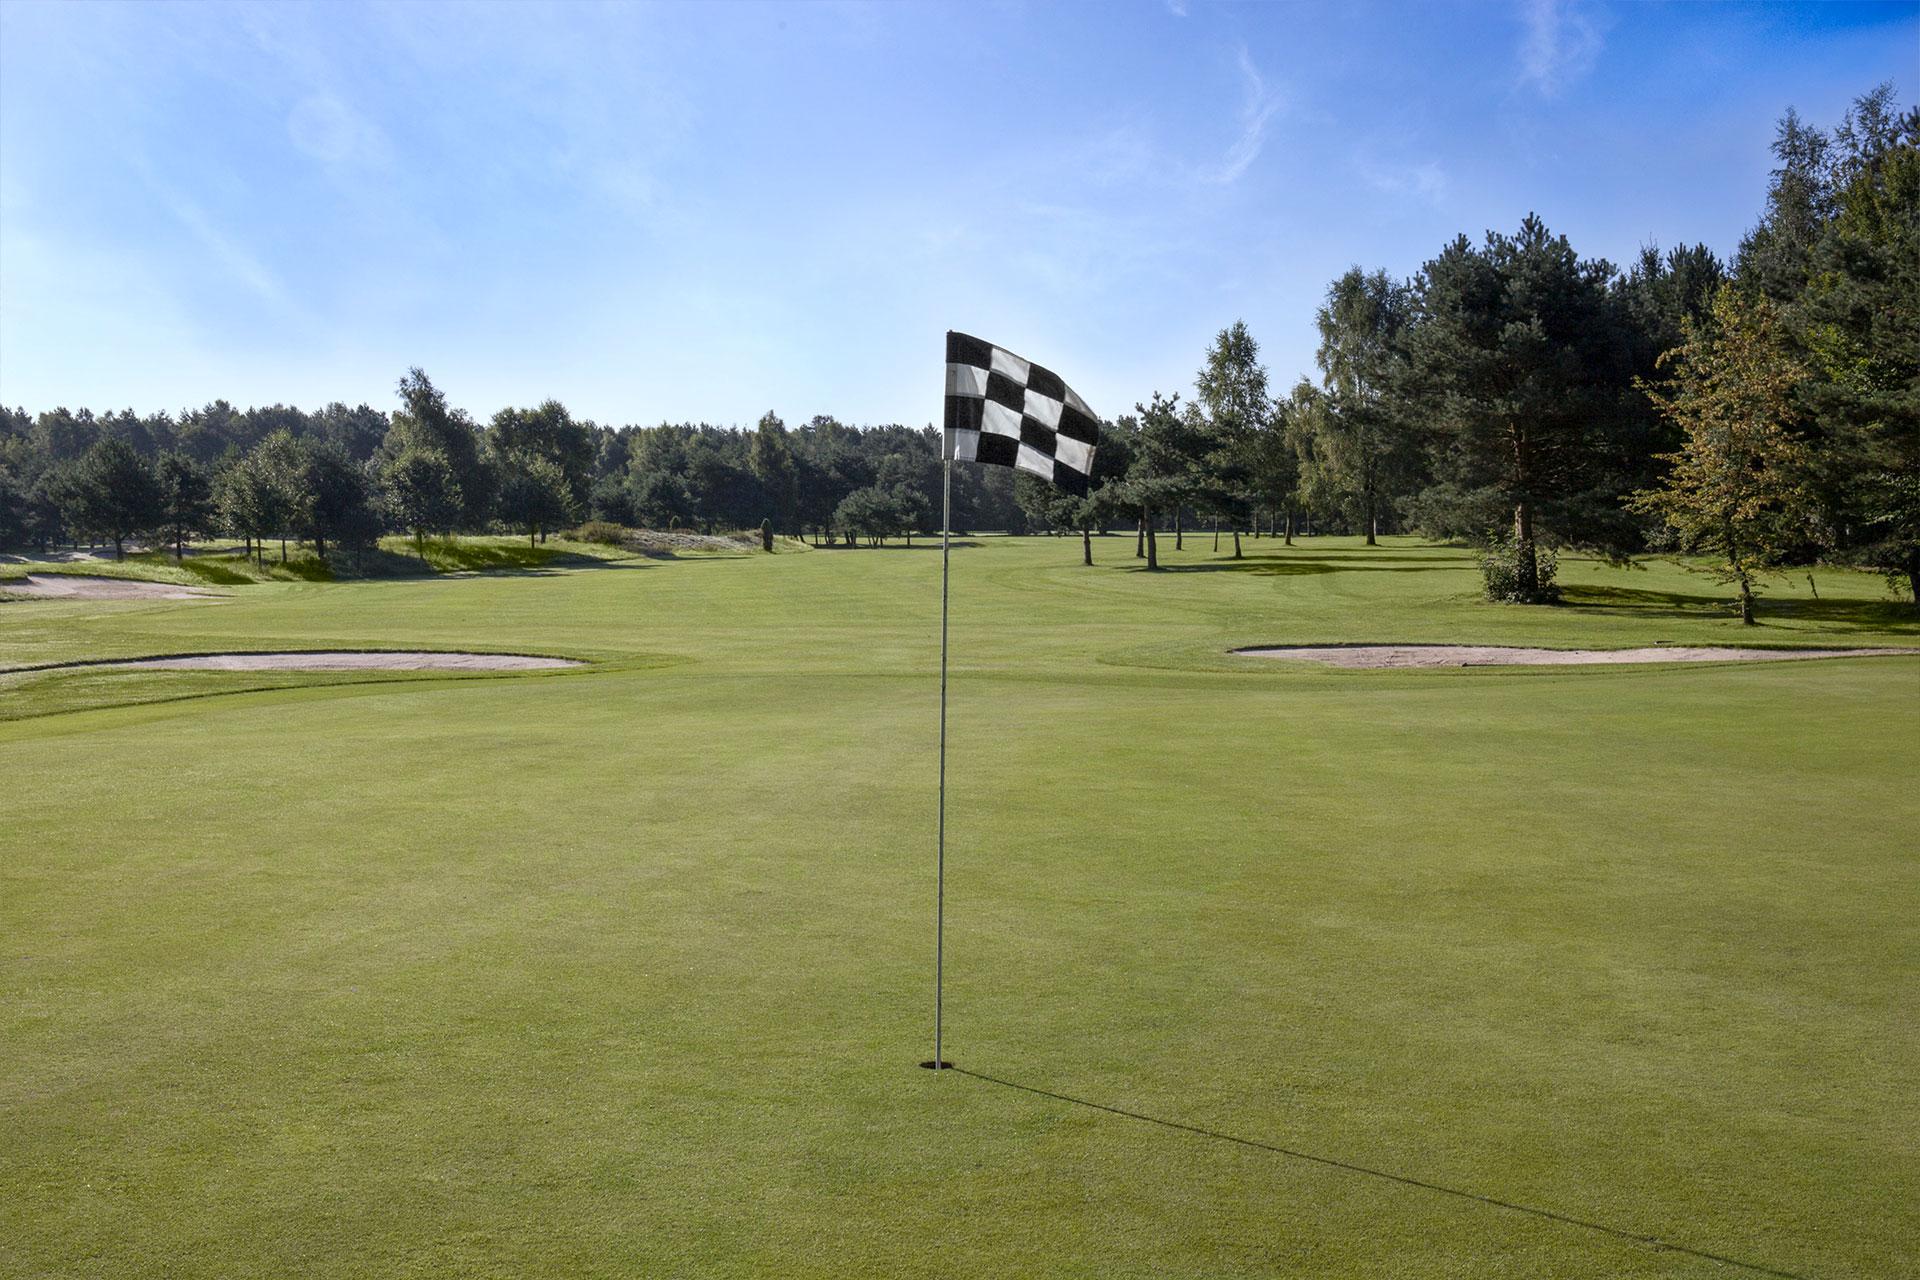 Bahn-A7a-golf-verden